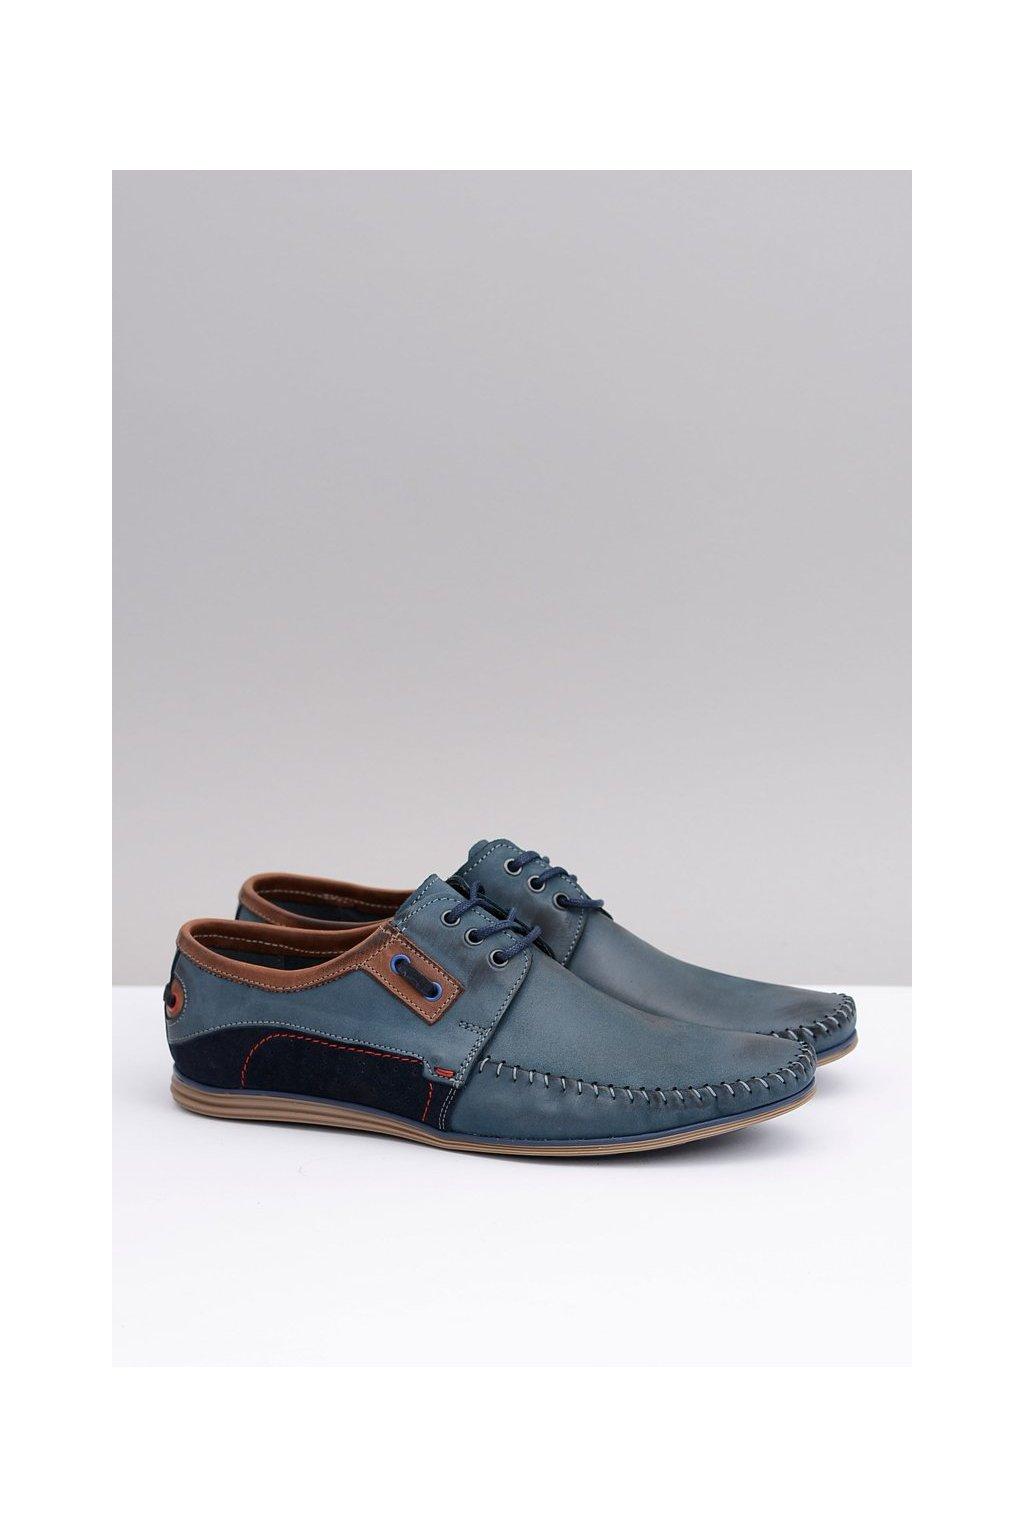 Pánske poltopánky farba modrá kód obuvi 846 NAVY/NAVY